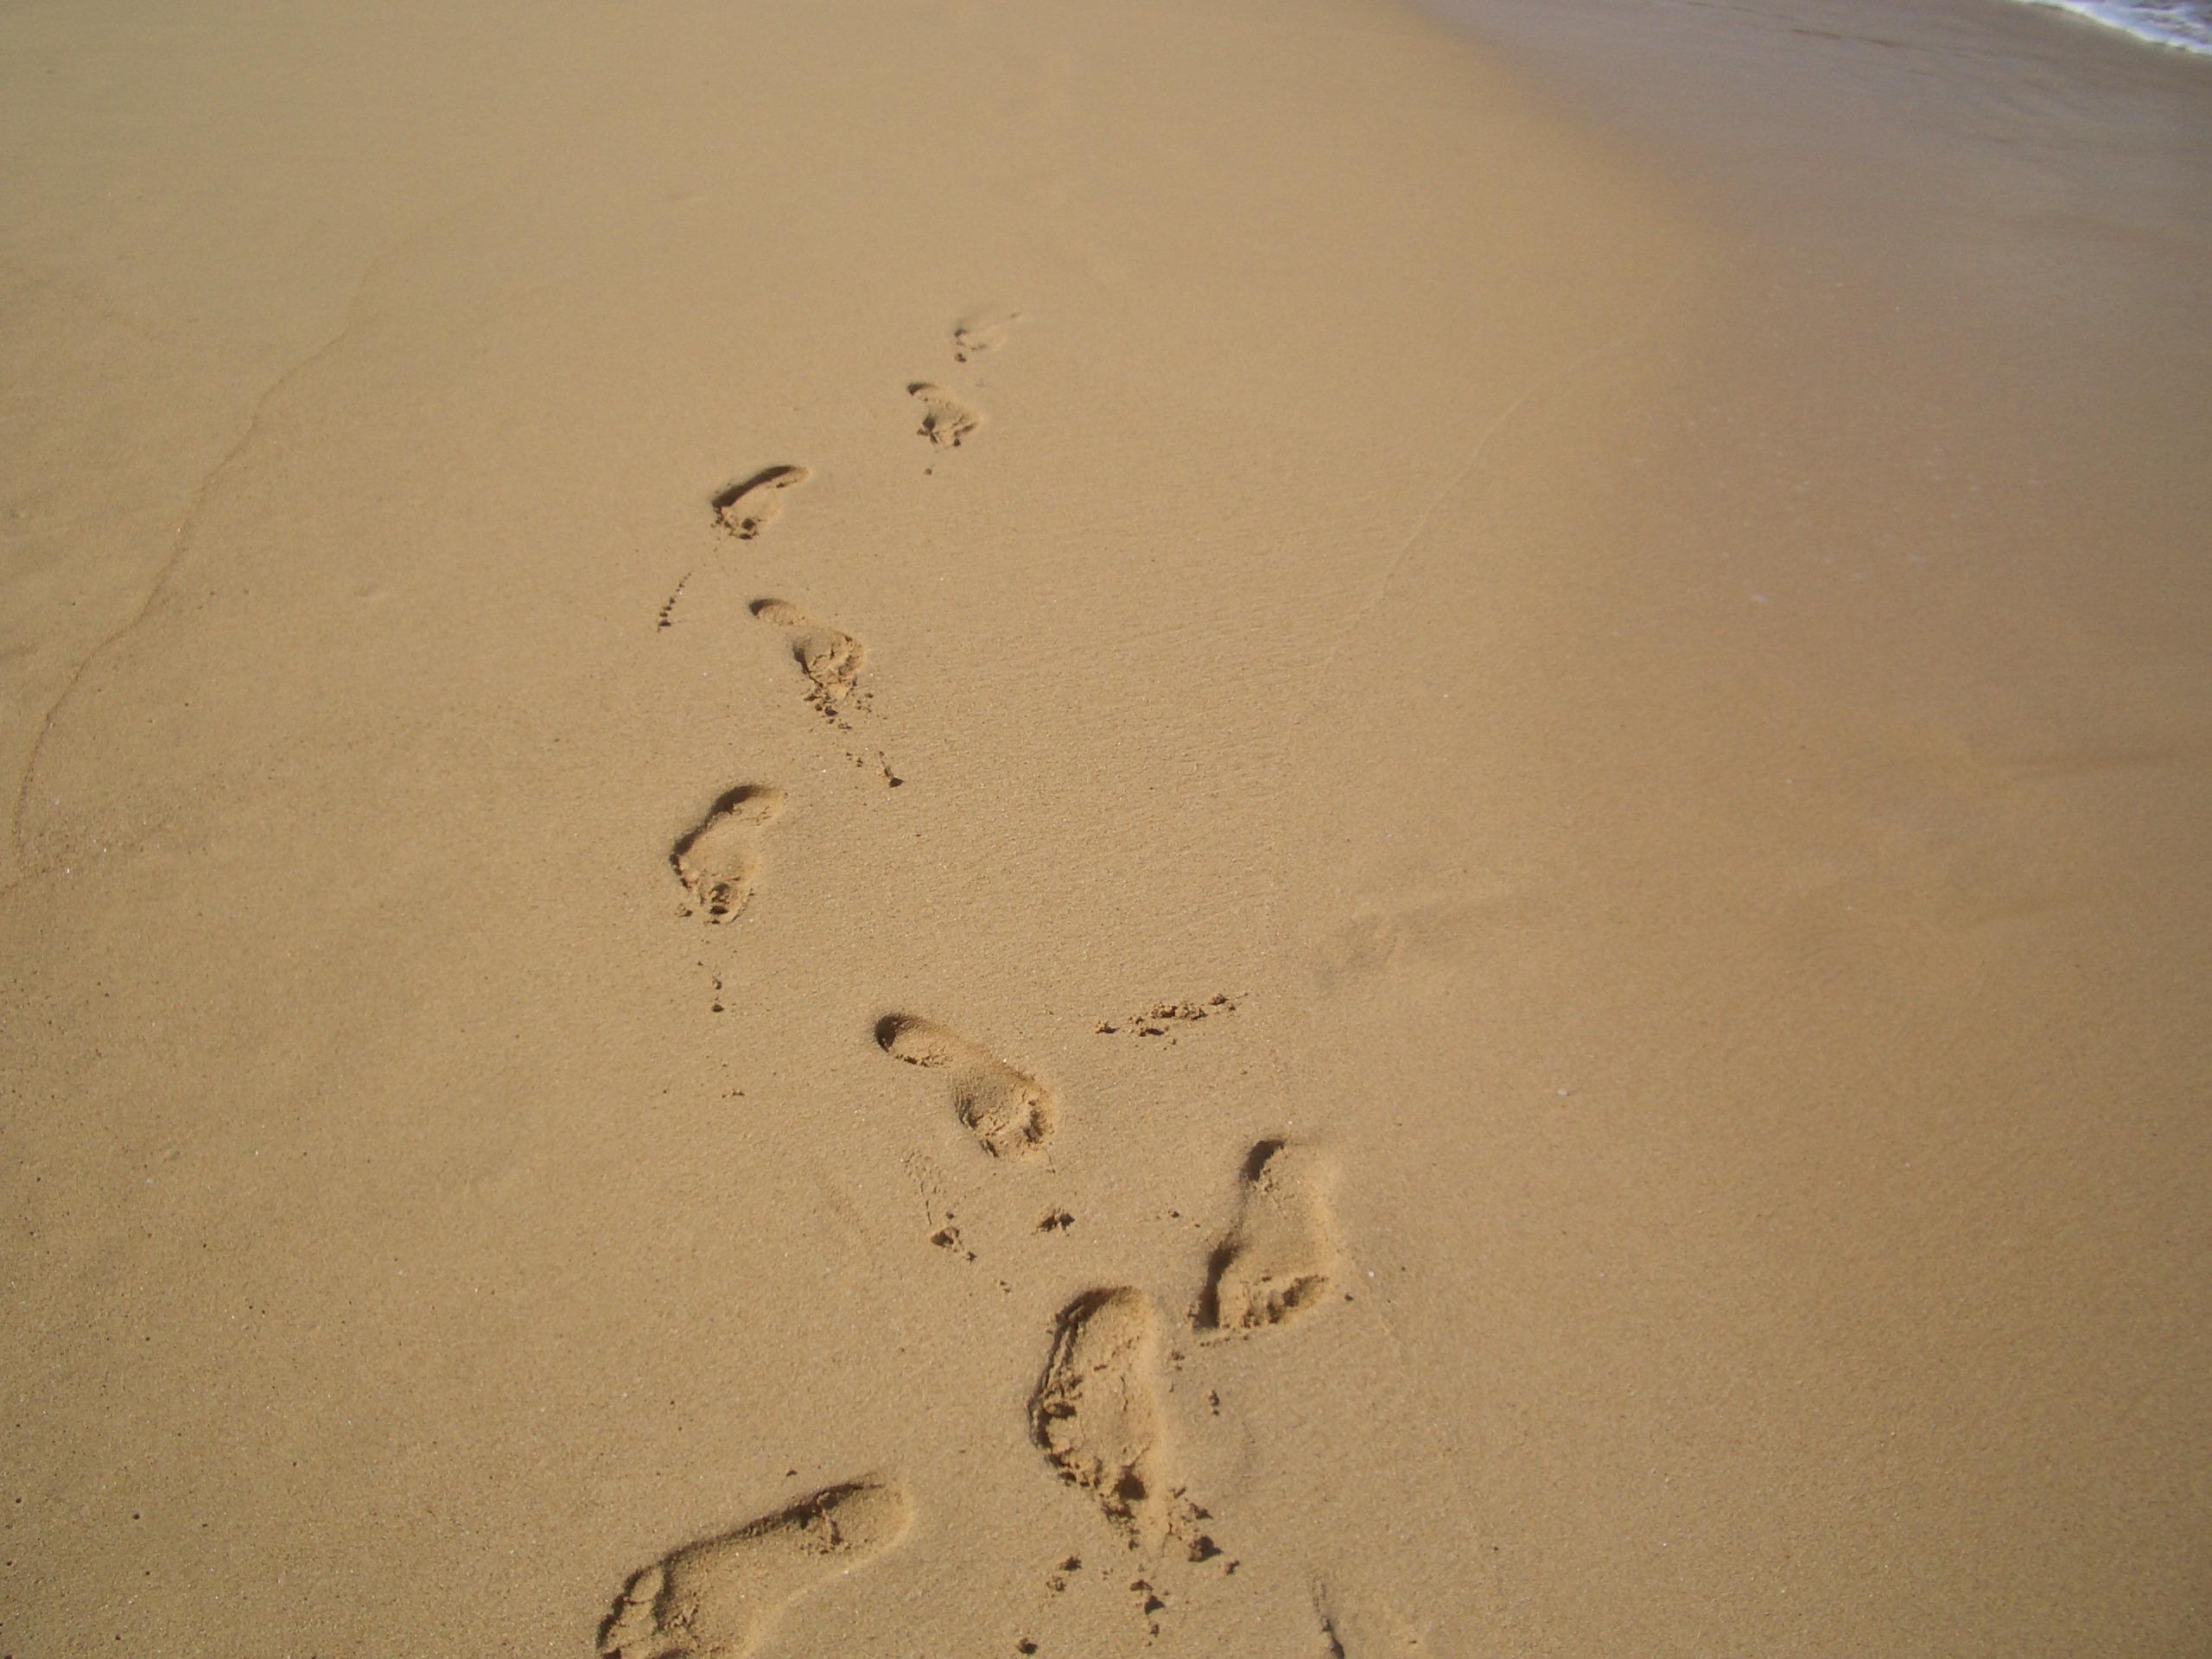 A la orilla - 3 part 1